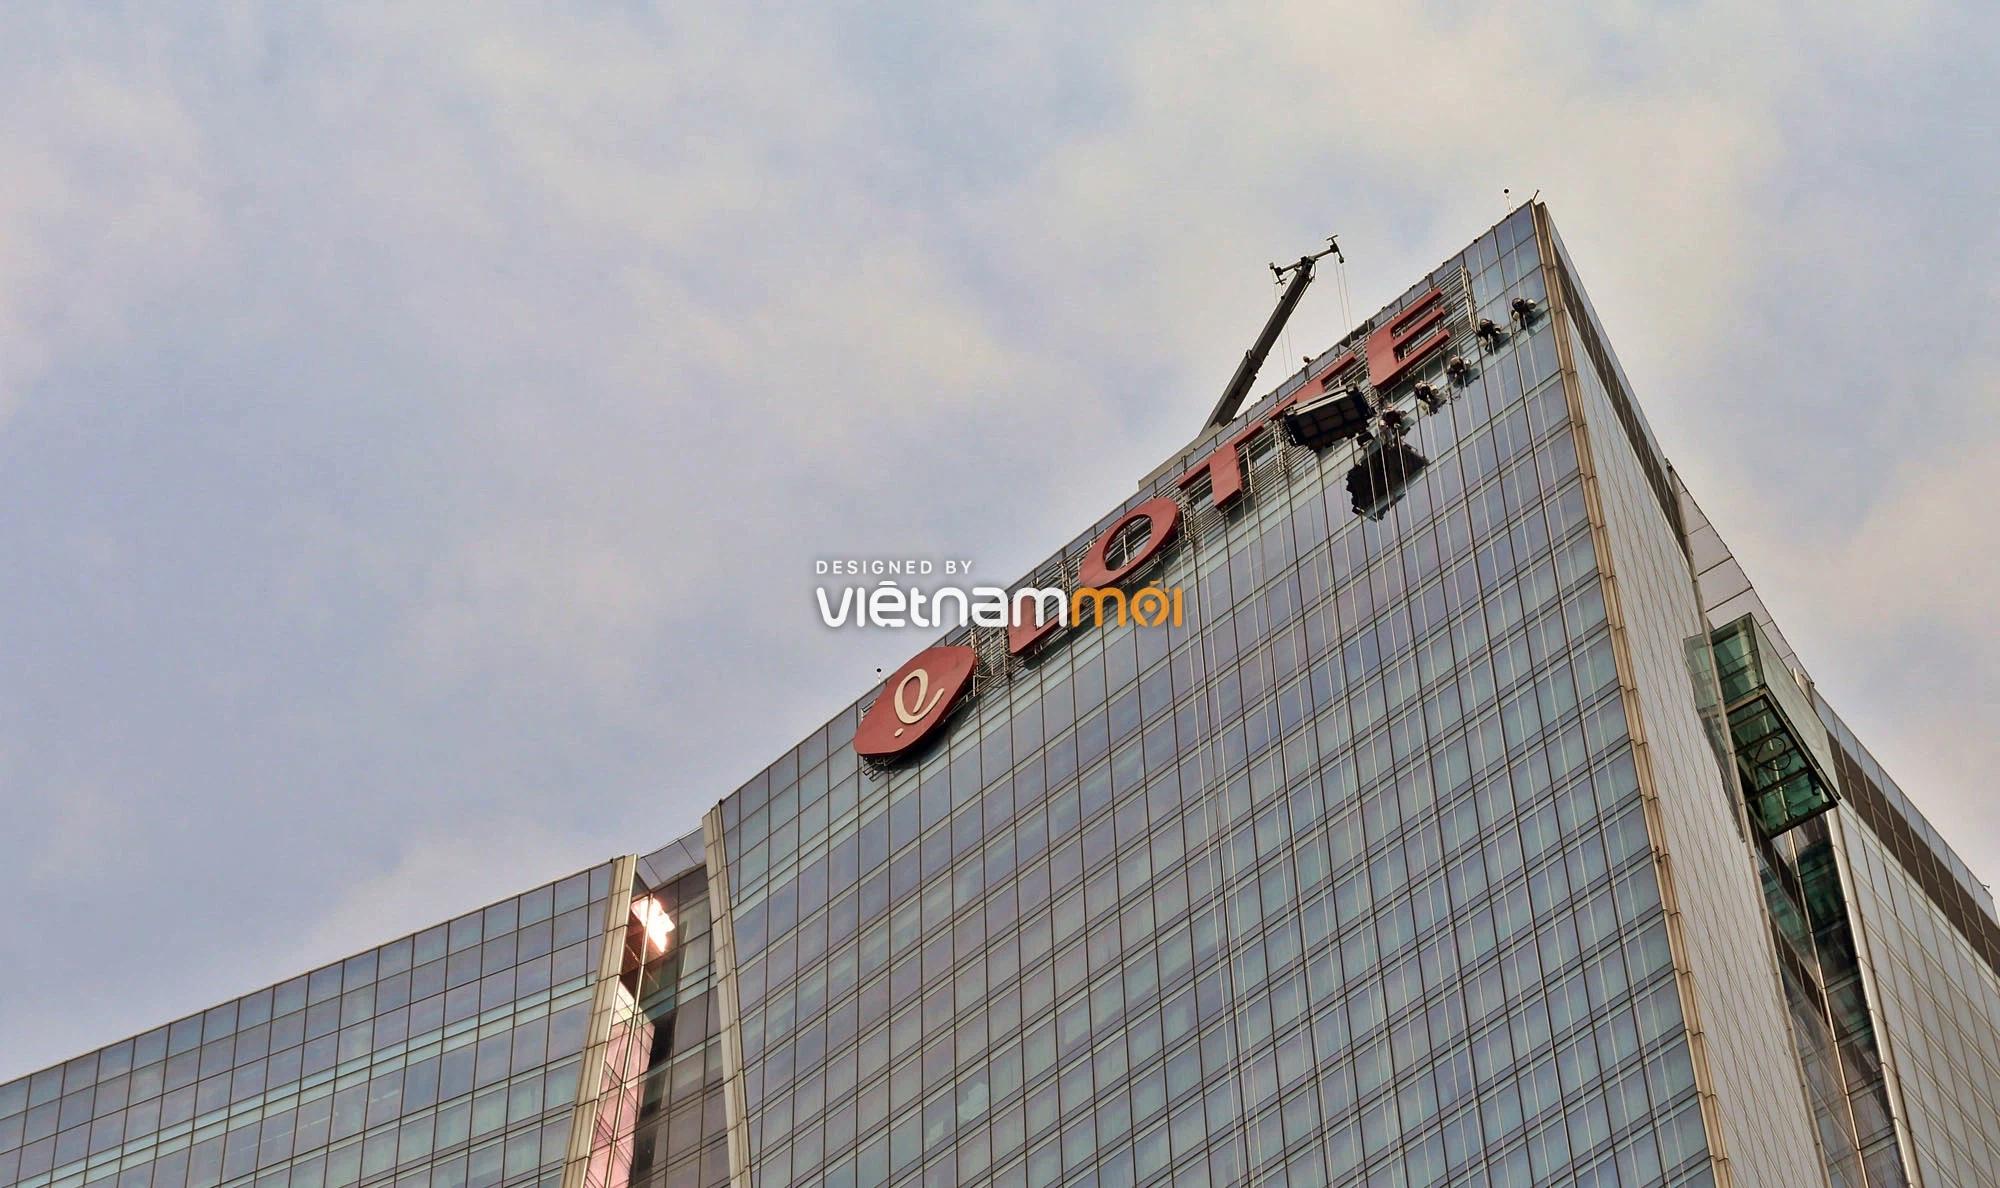 Cận cảnh tòa nhà duy nhất được xây trên 50 tầng ở vùng nội đô lịch sử - Ảnh 16.